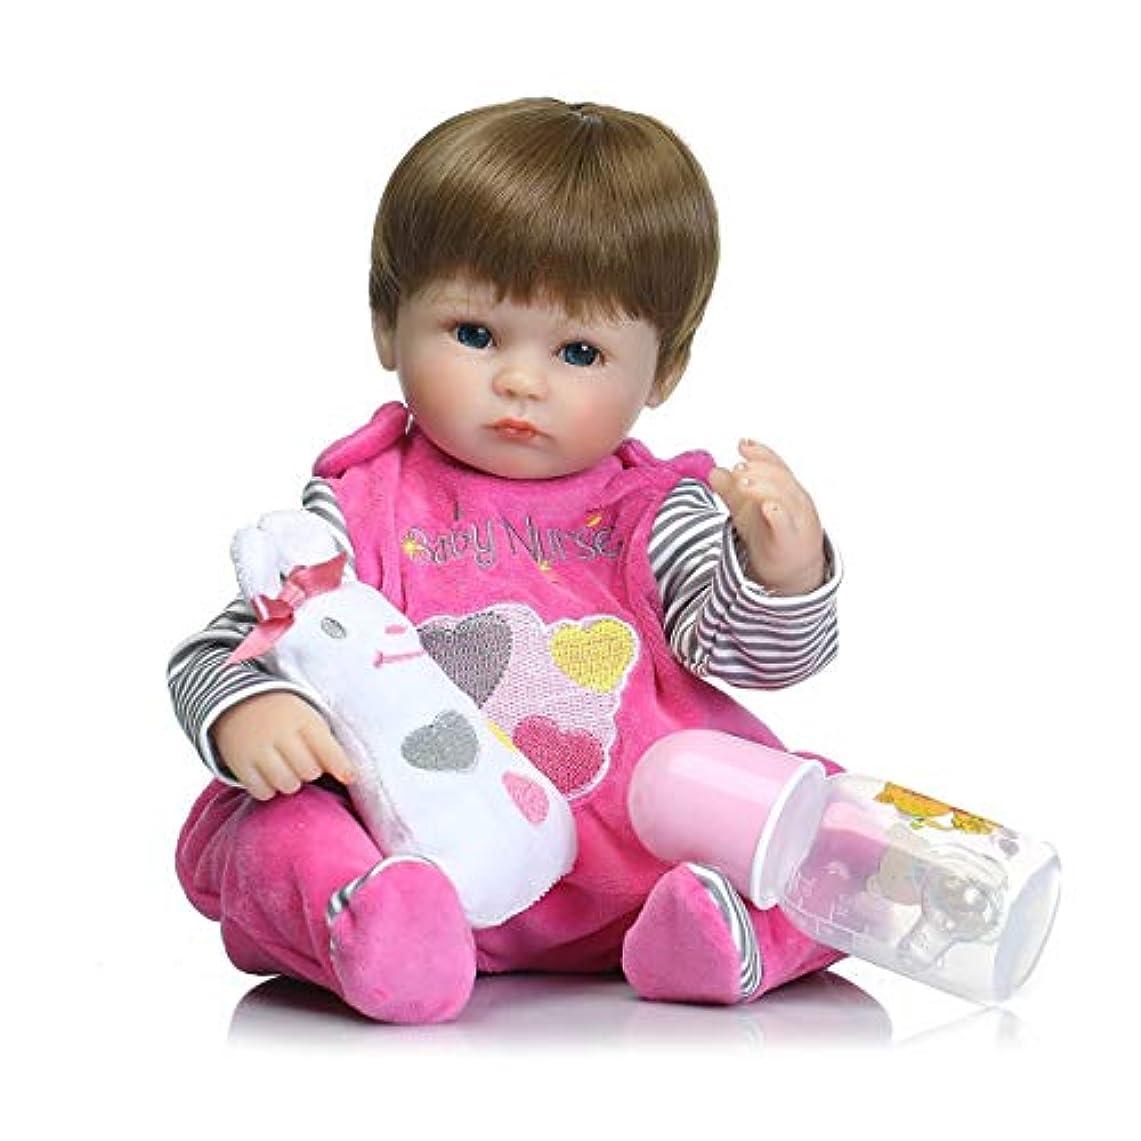 そうでなければピアノ徹底40cm生まれ変わった赤ちゃんシミュレーション人形おもちゃ磁気口のあるリアルな女の子